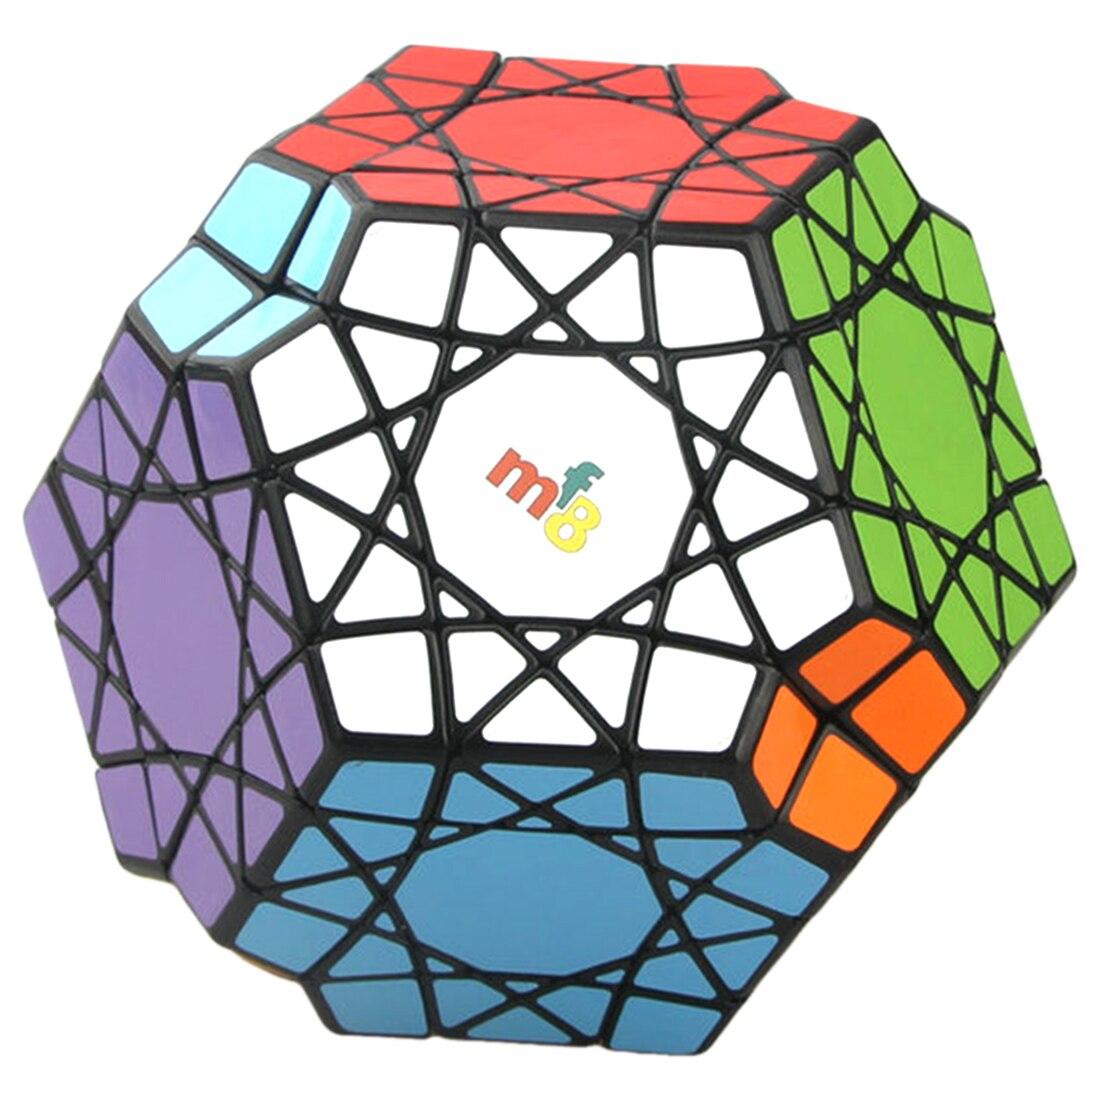 MF8 les yeux du ciel Cube magique Cube de vitesse Puzzle casse-tête jouet éducatif pour Collection 11 cm-noir